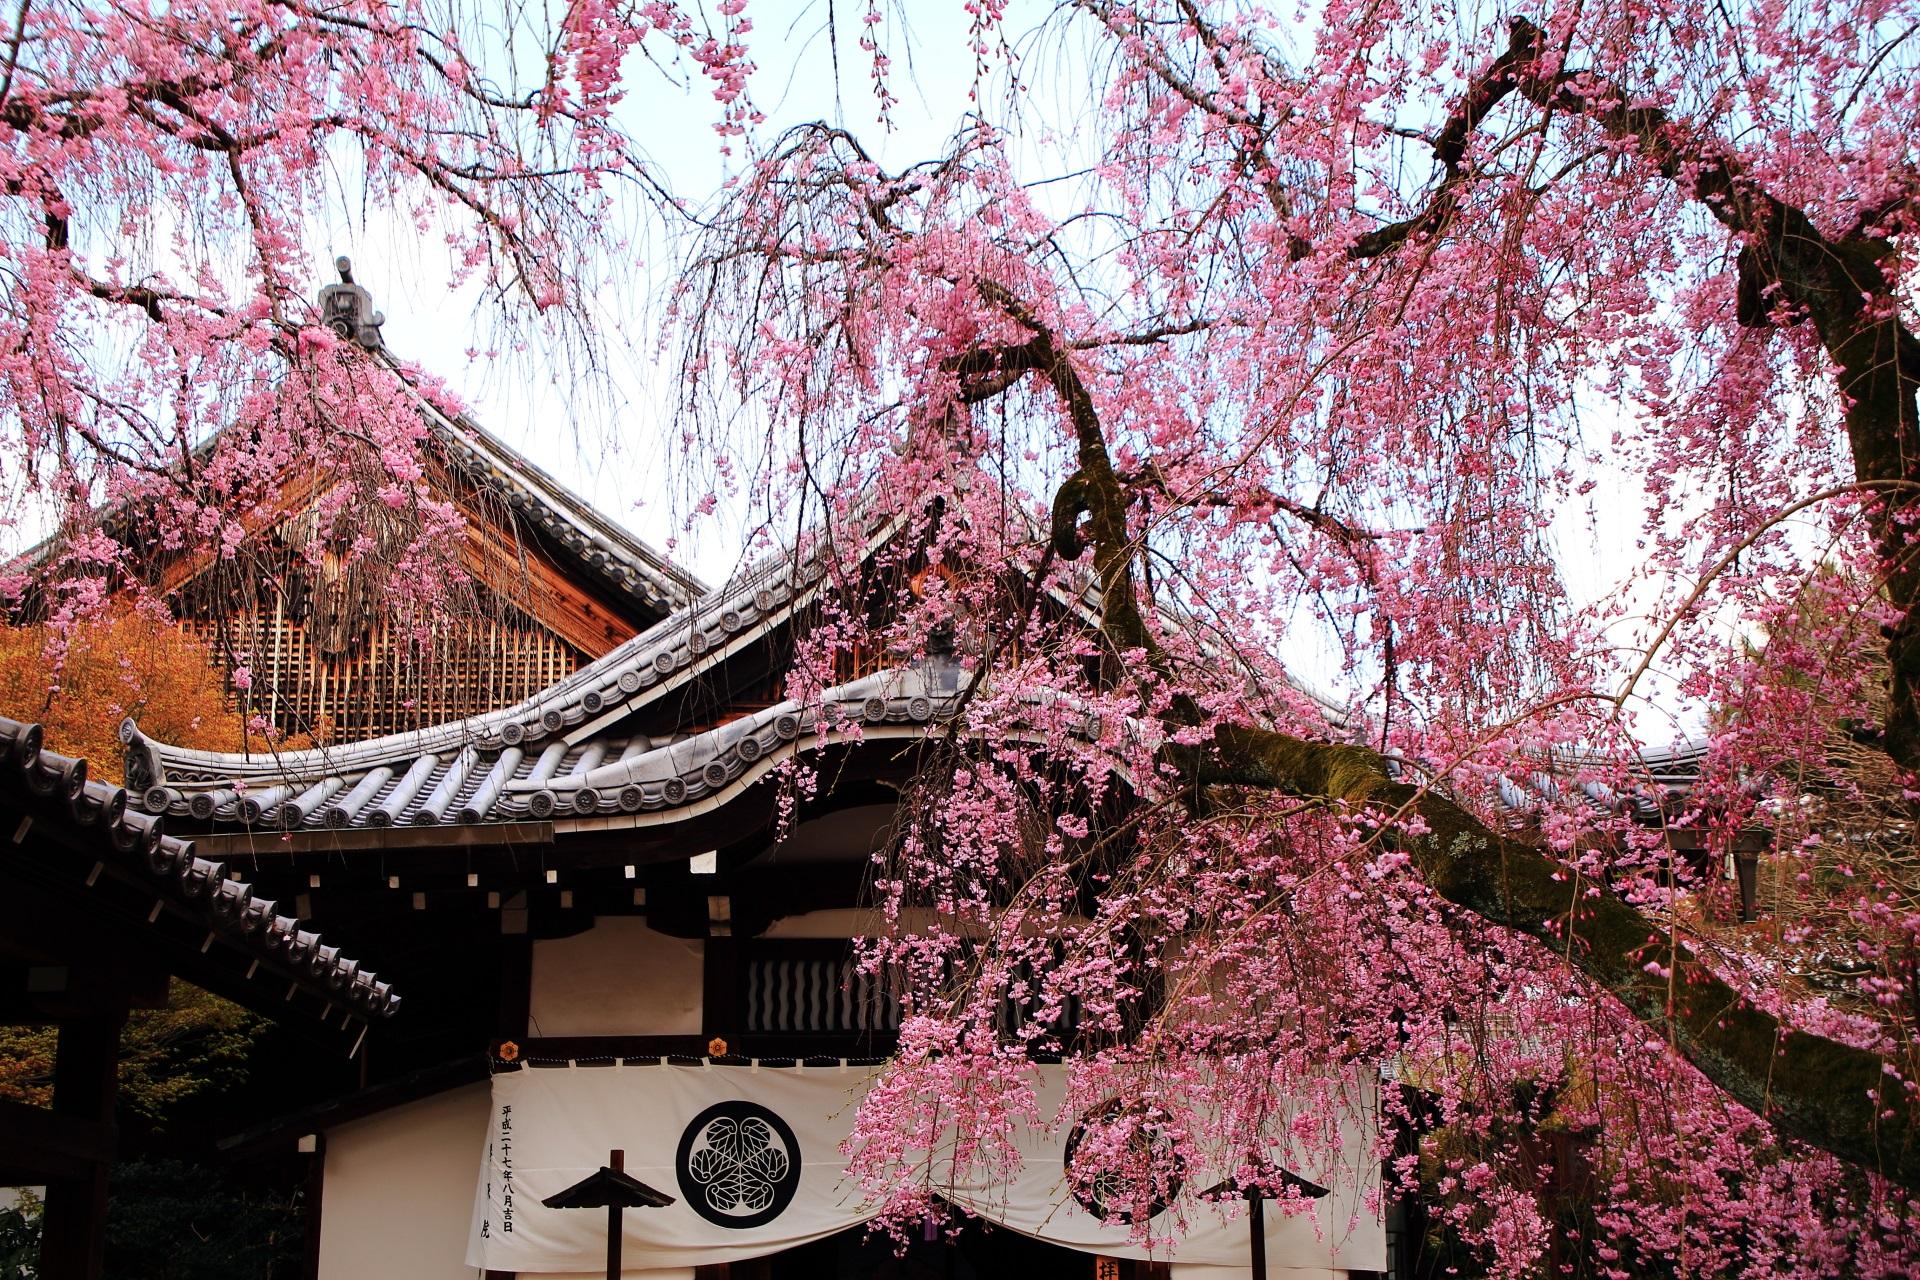 絵になるしだれ桜の風景